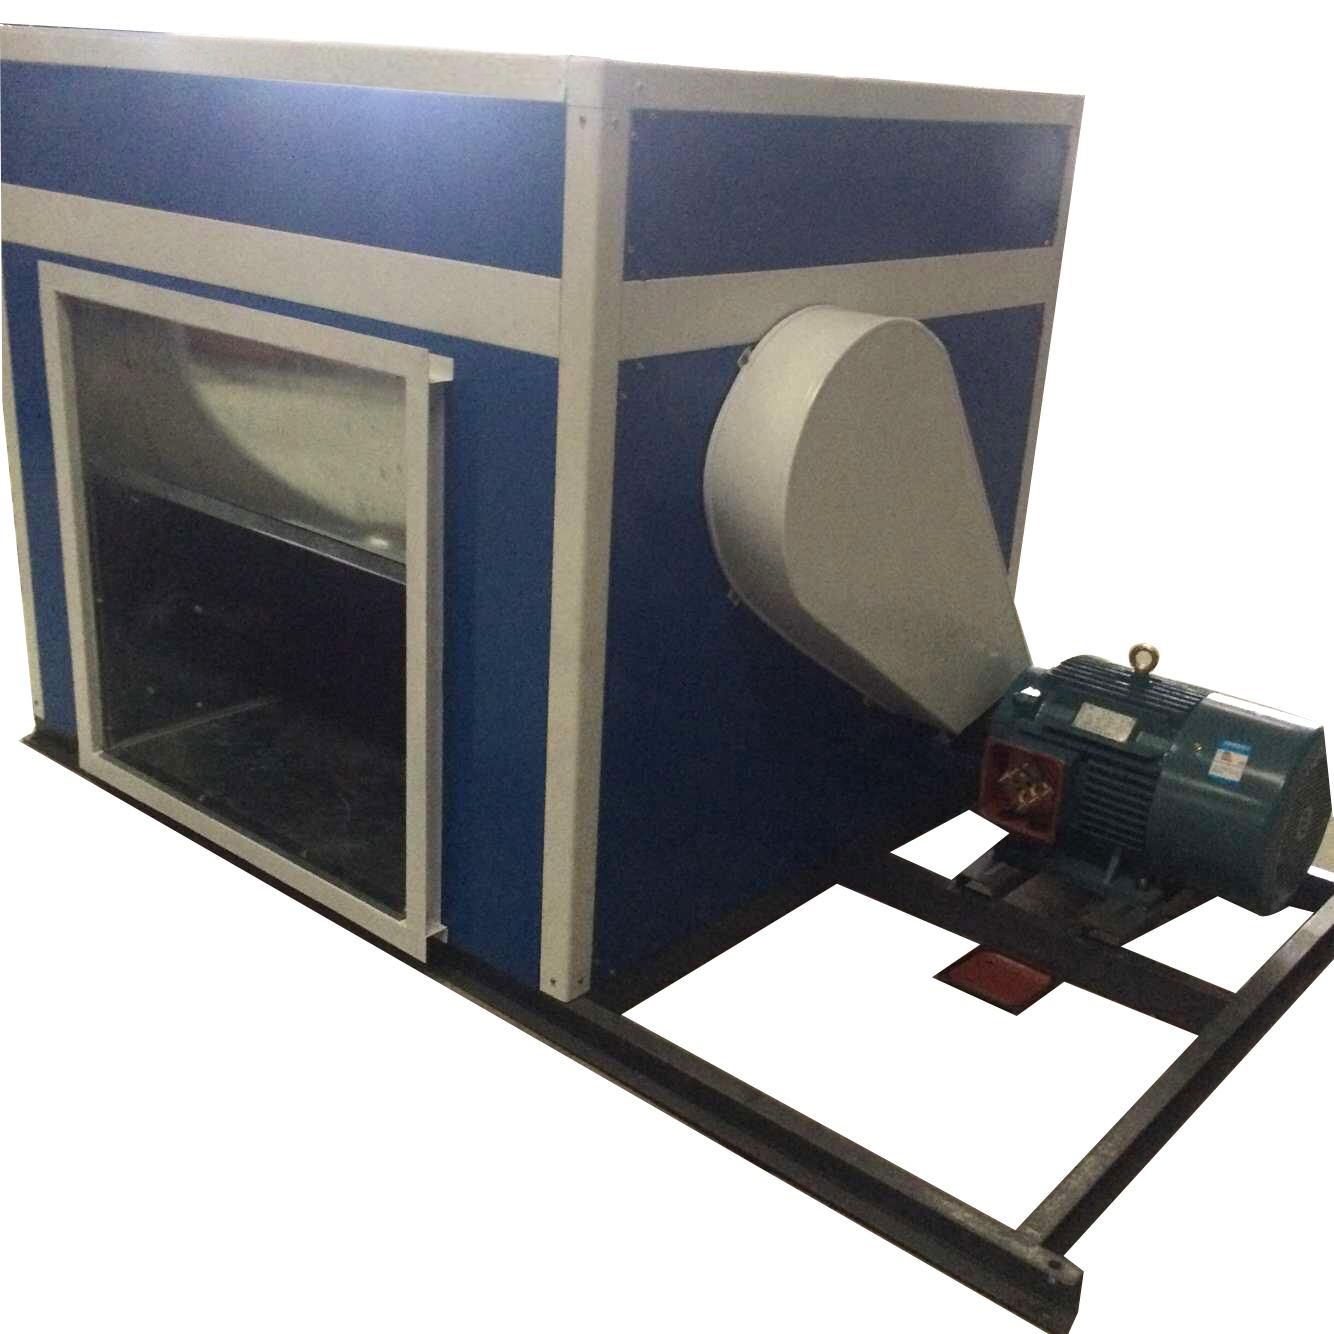 貴州HTFC(DT)系列消防通風(兩用)低噪聲柜式離心風機